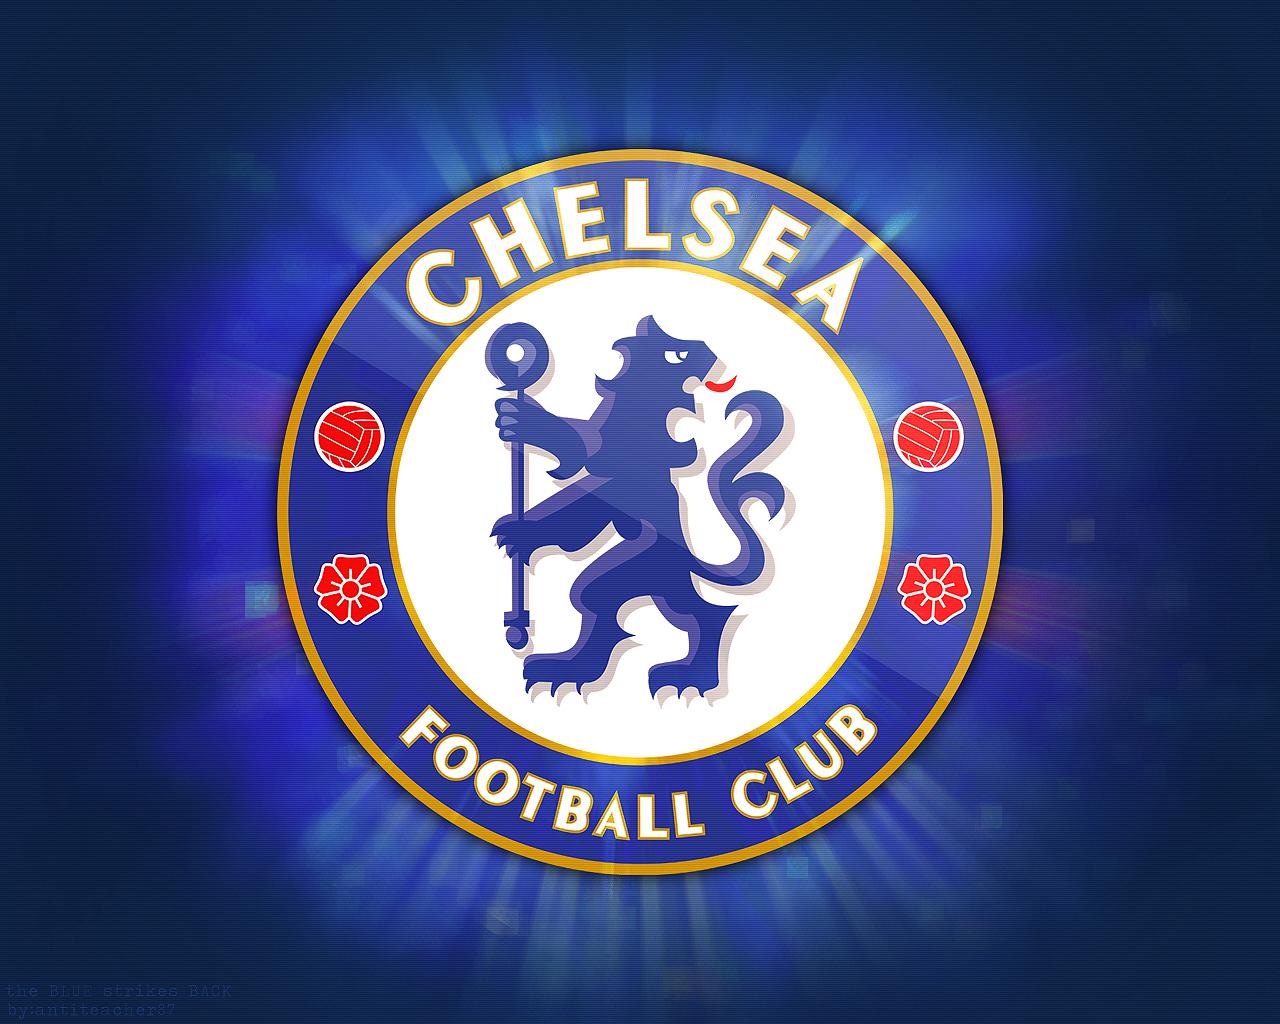 Sponsorizzazioni sportive: BetVictor x Chelsea F.C.